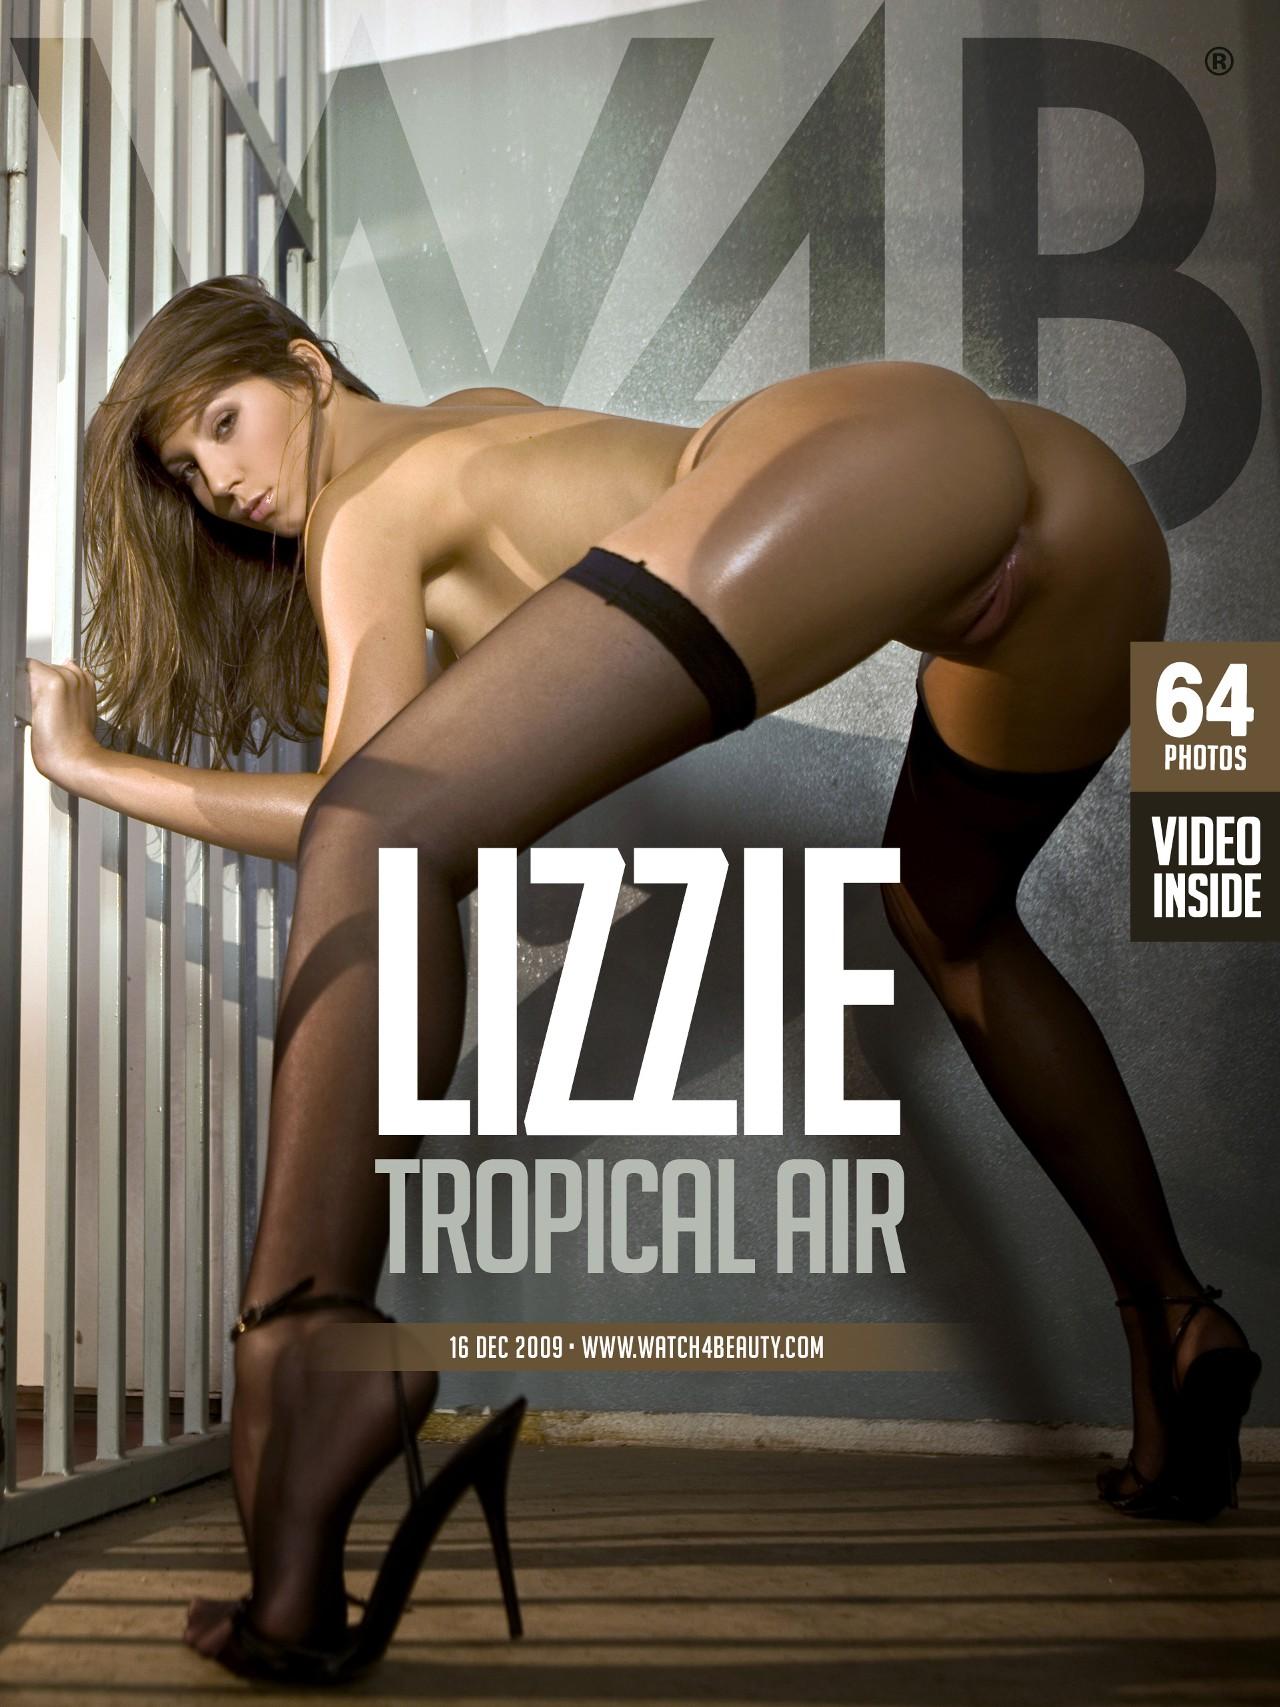 Lizzie: Tropical air